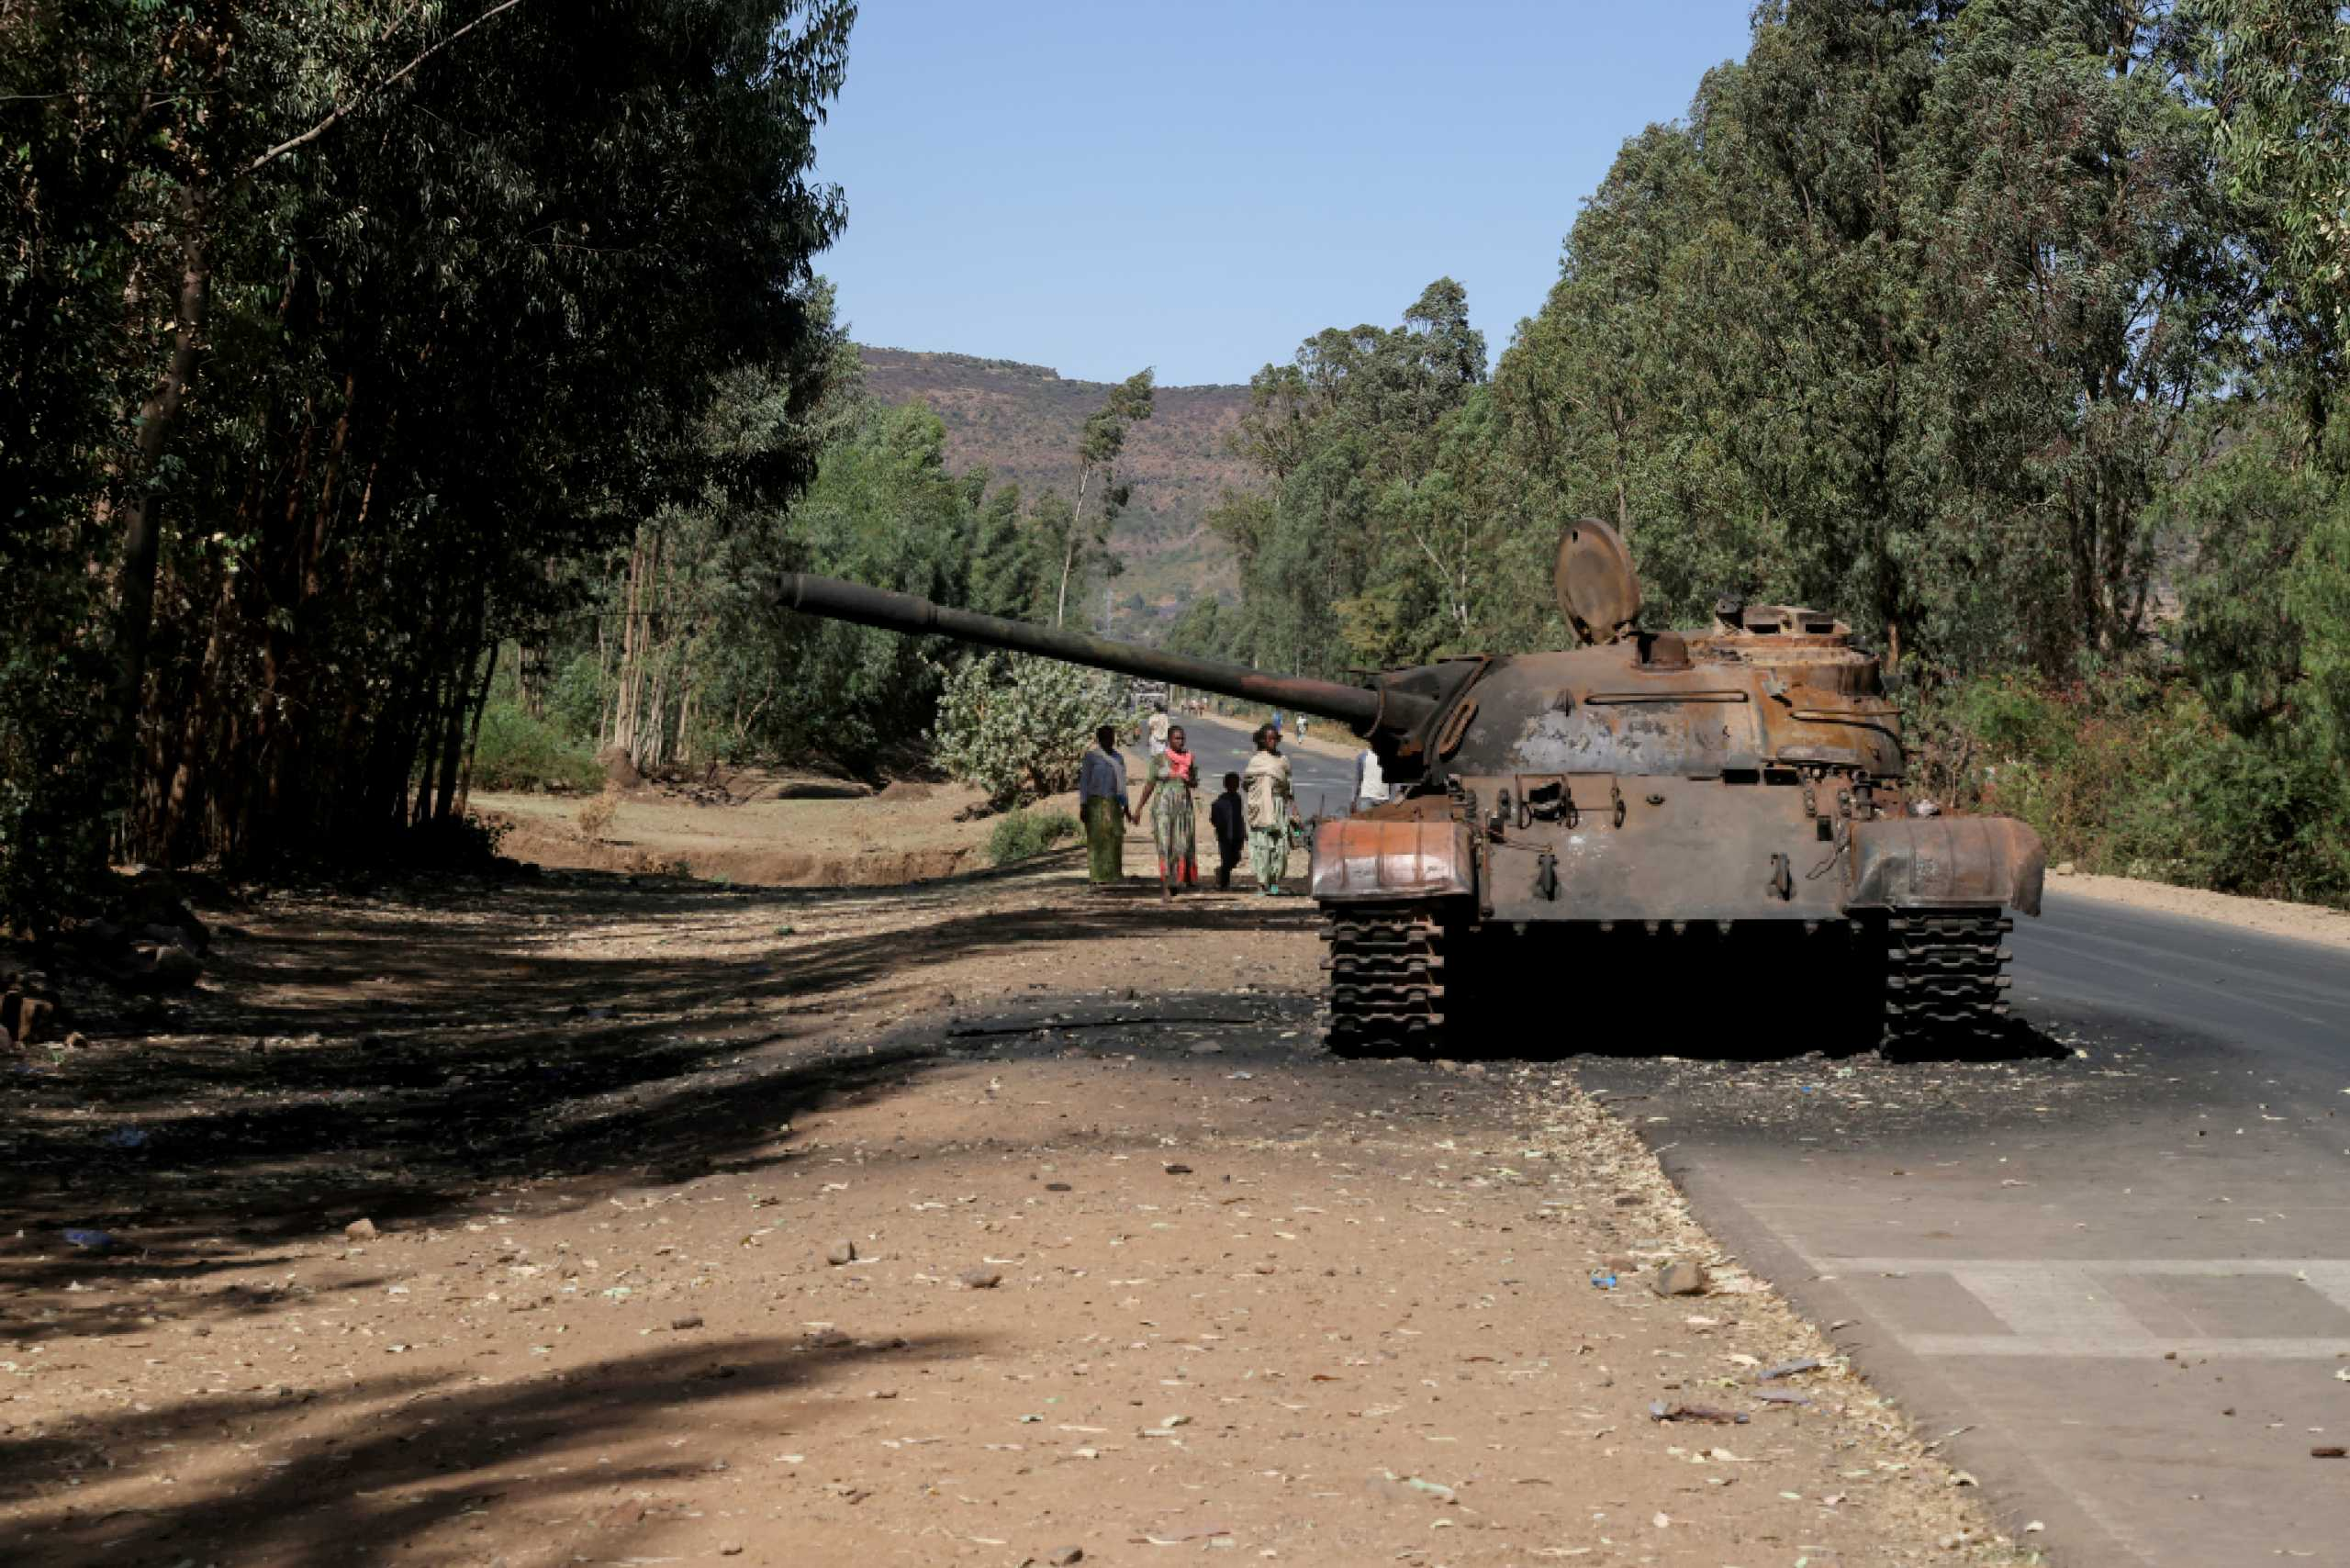 Αιθιοπία: Ανησυχία ΟΗΕ για τις πληροφορίες ότι στρατιώτες συλλαμβάνουν ανθρώπους σε καταυλισμούς εκτοπισμένων